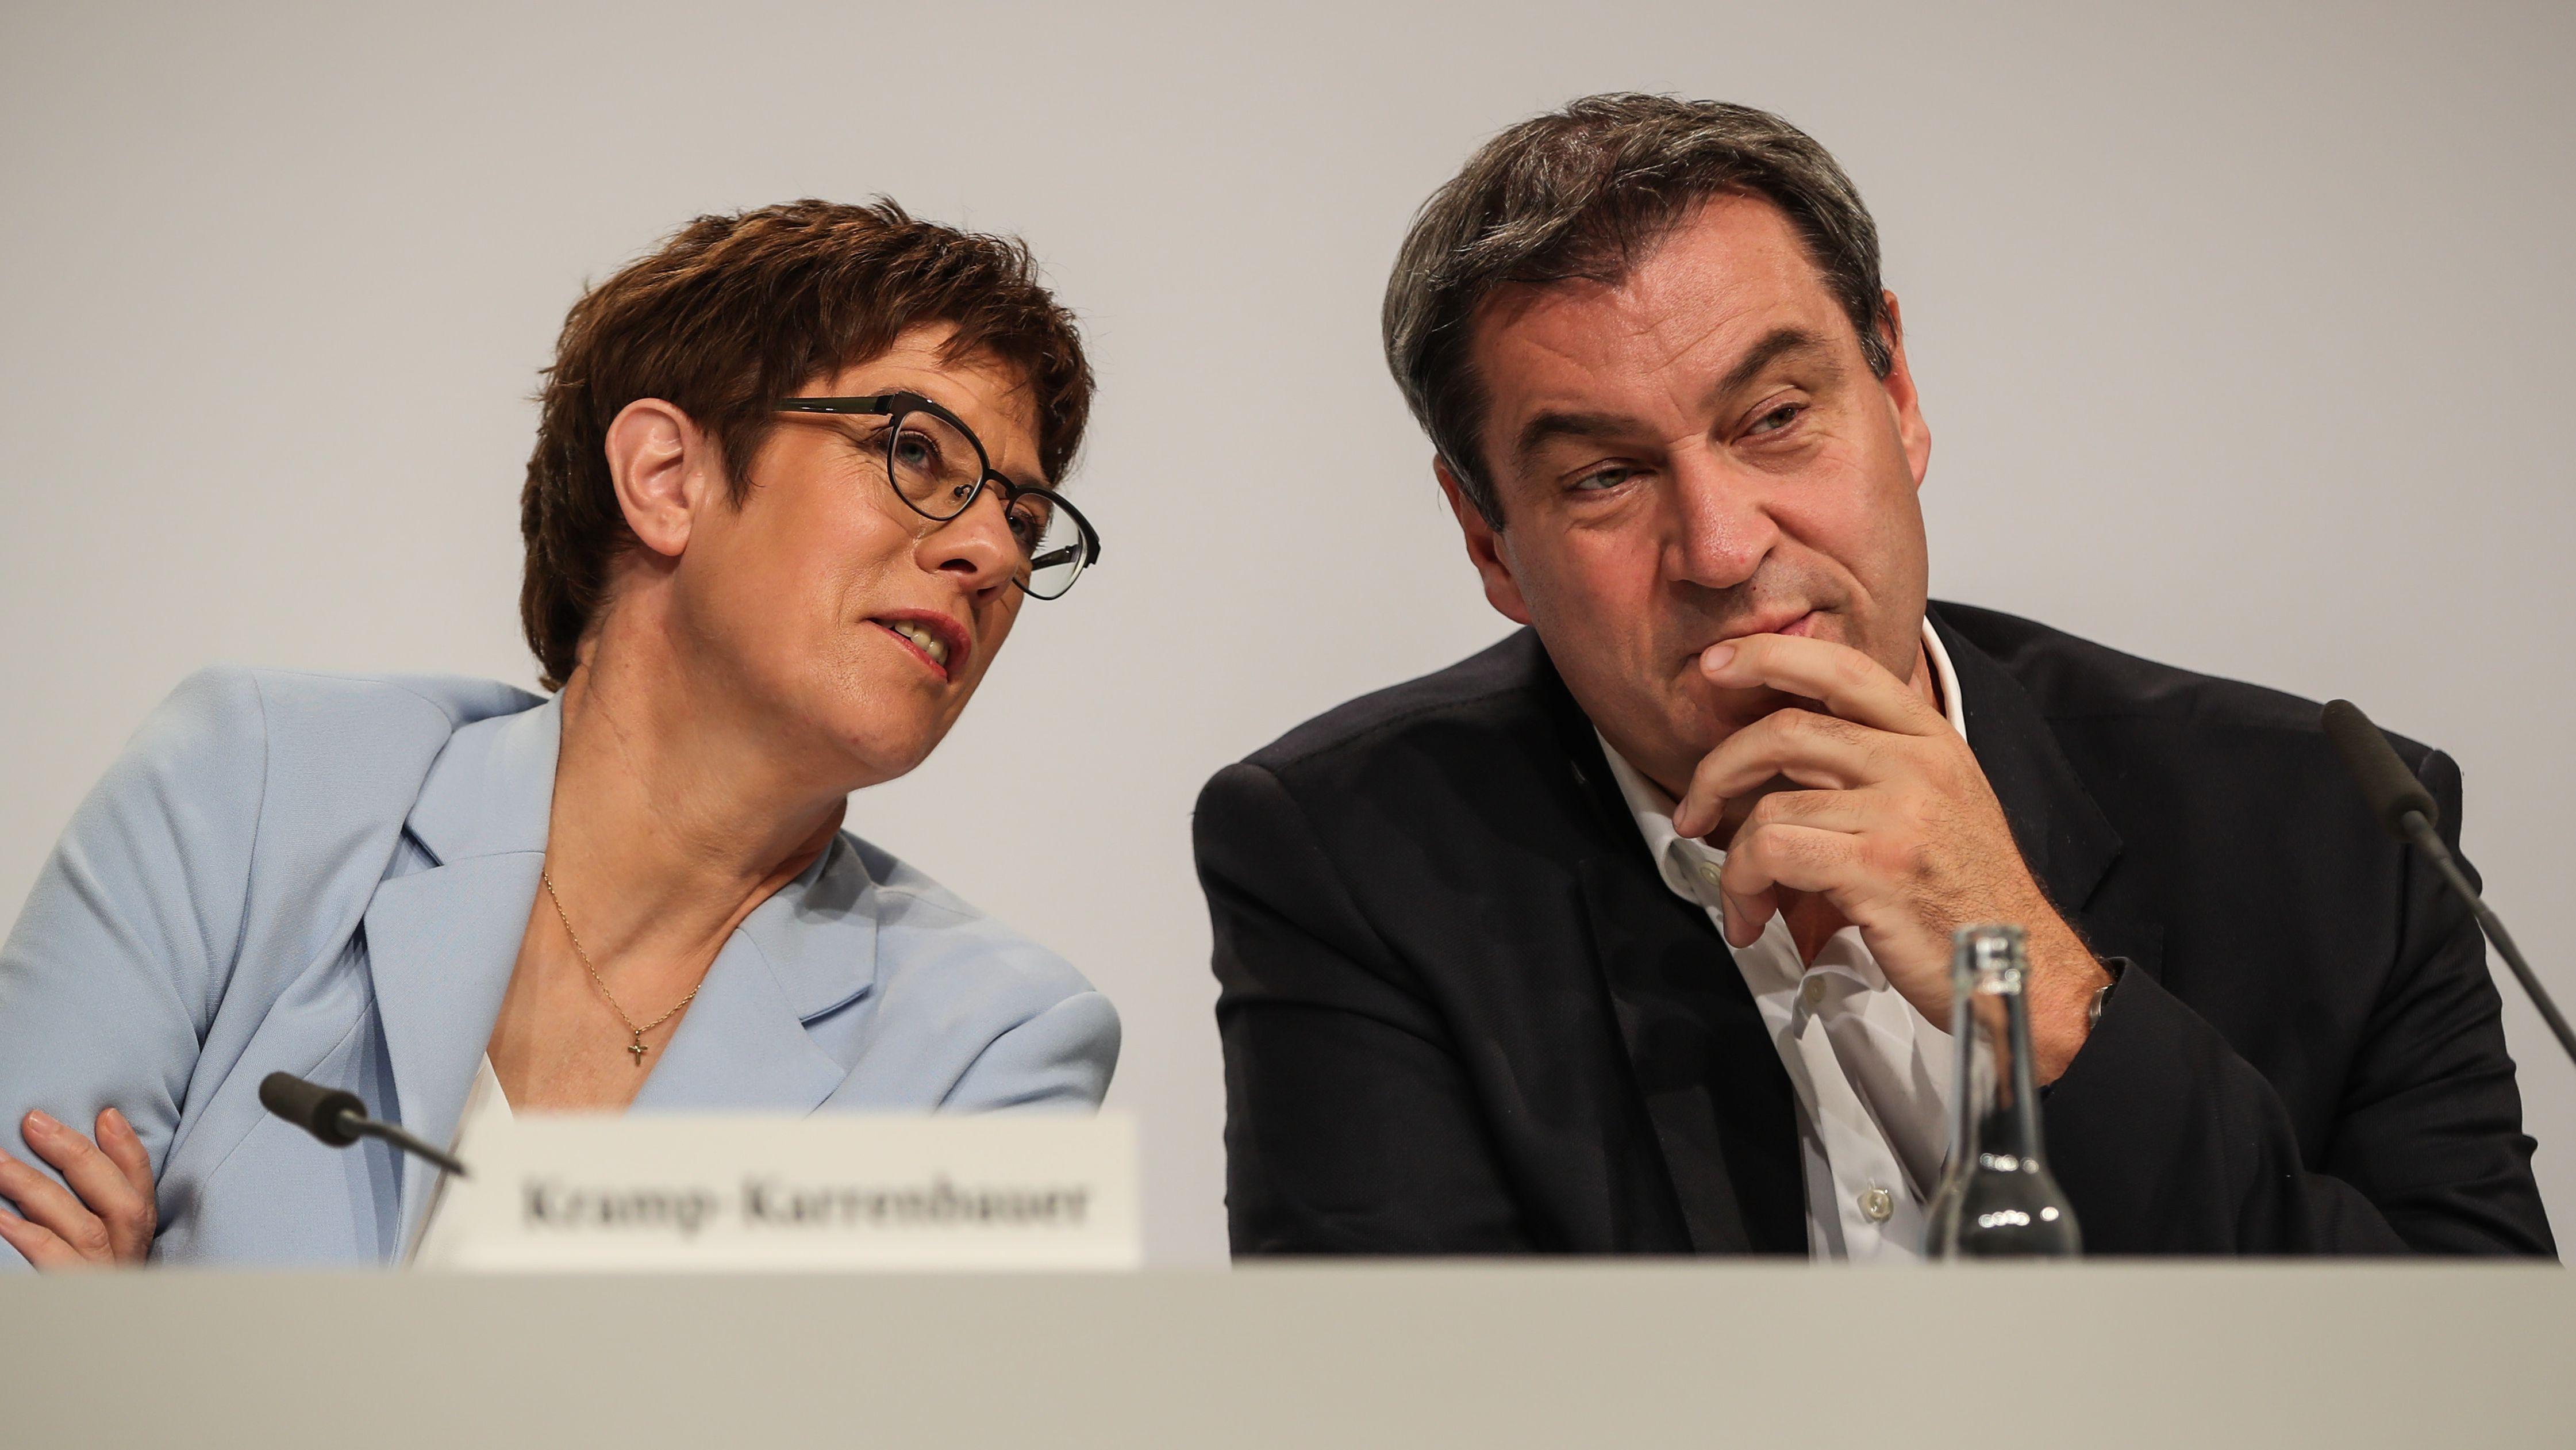 CDU-Chefin Annegret Kramp-Karrenbauer (l.) und CSU-Chef Markus Söder (r.) bei einer Pressekonferenz am 20. September 2019 in Berlin